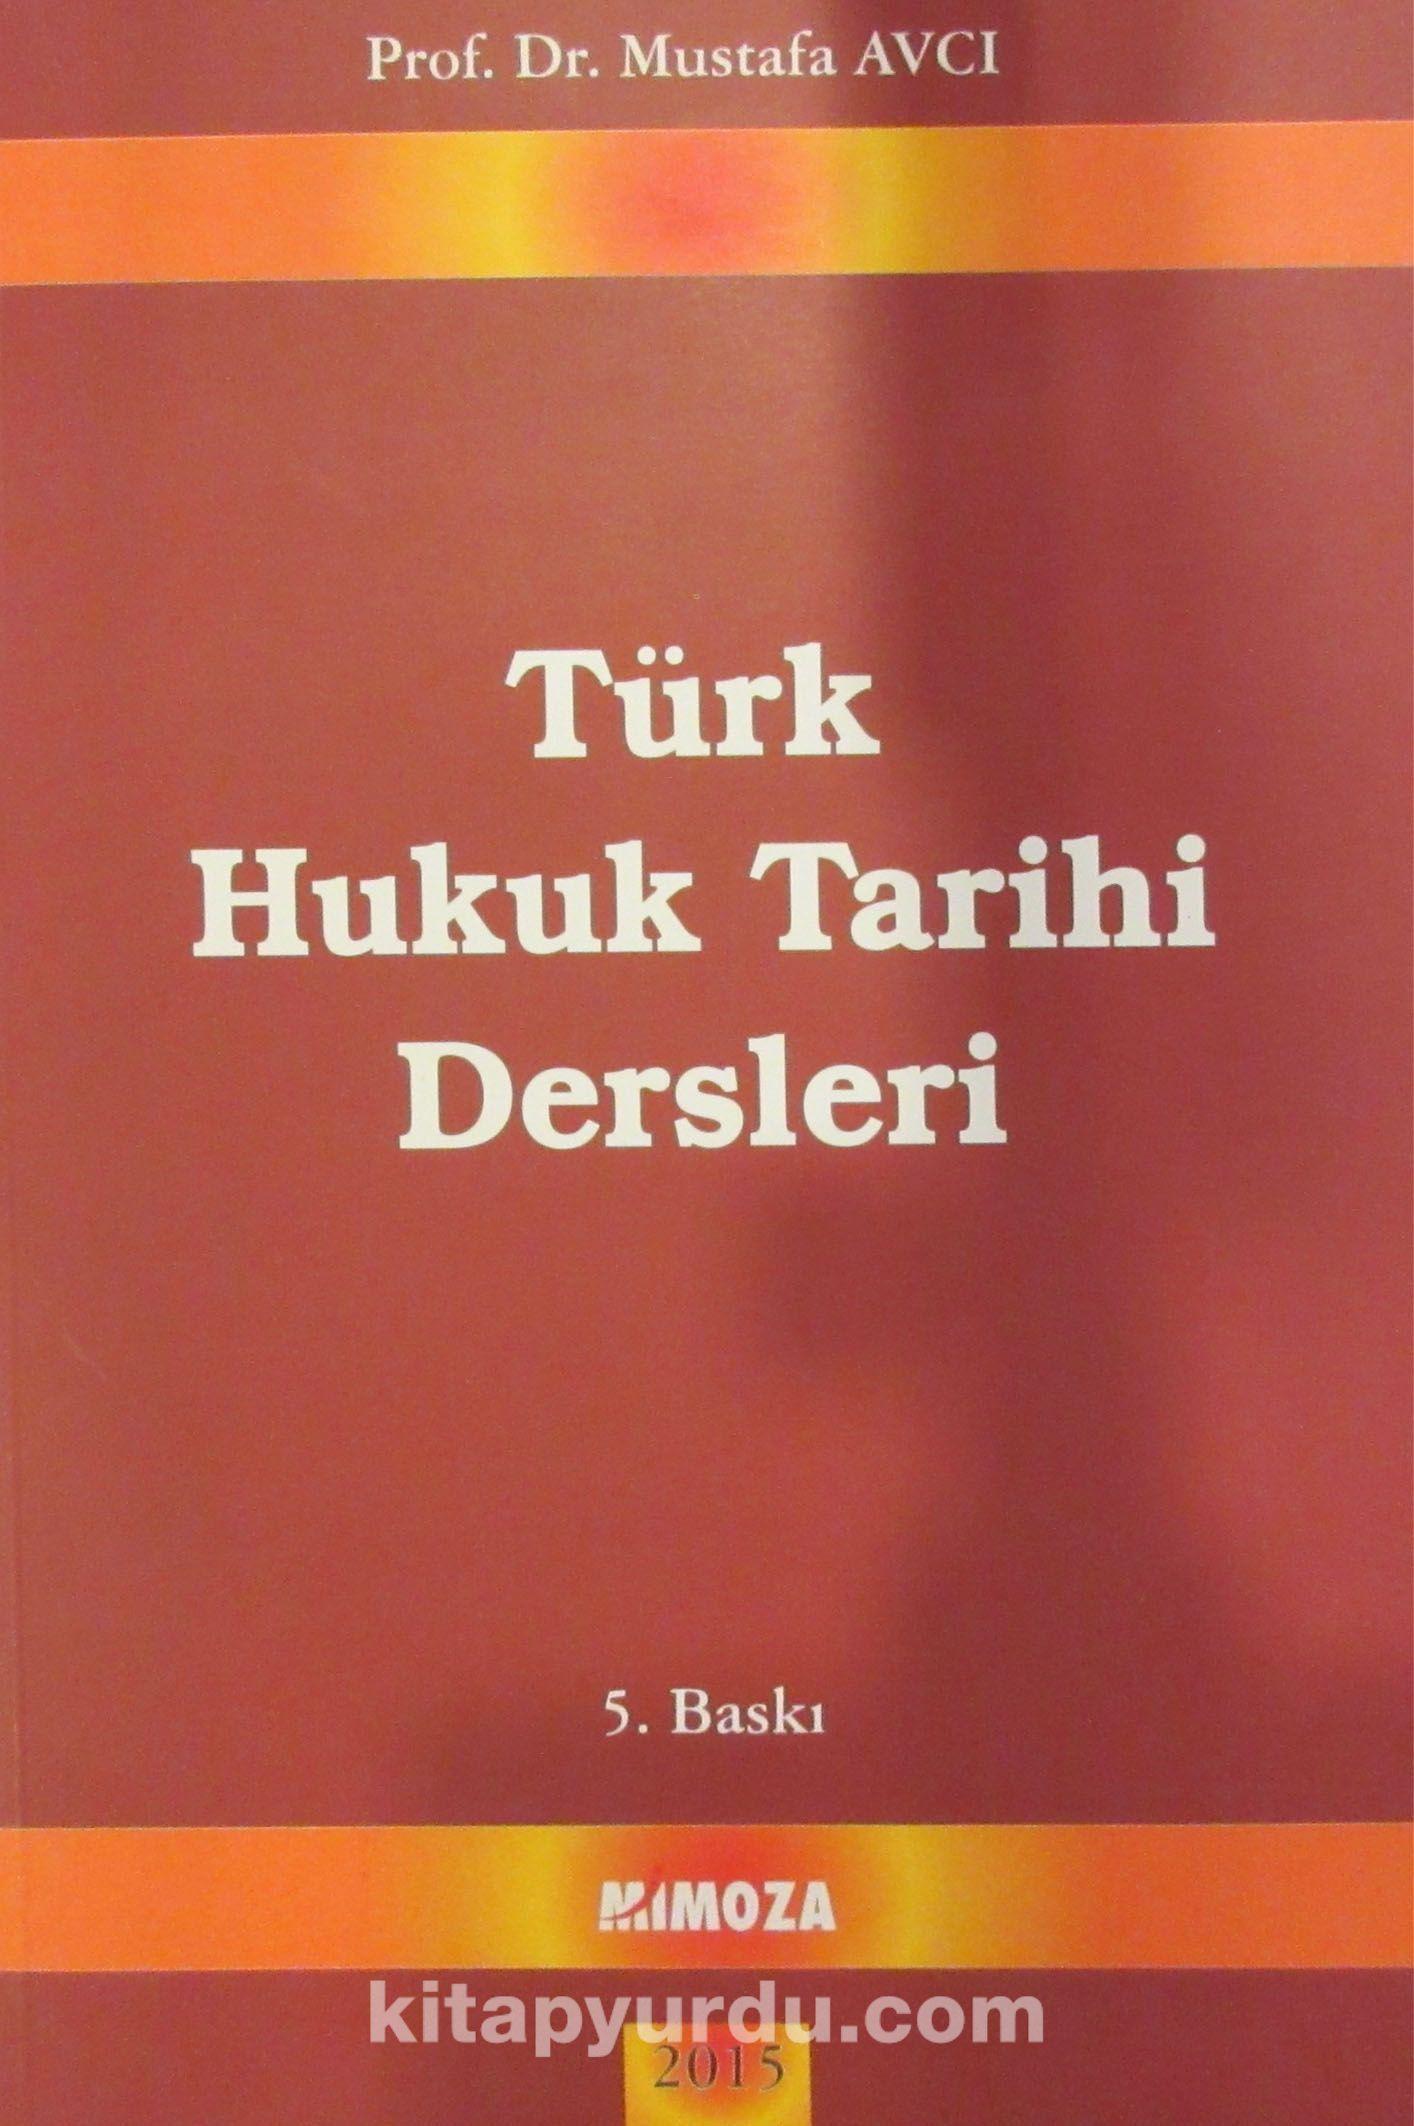 Türk Hukuk Tarihi Dersleri